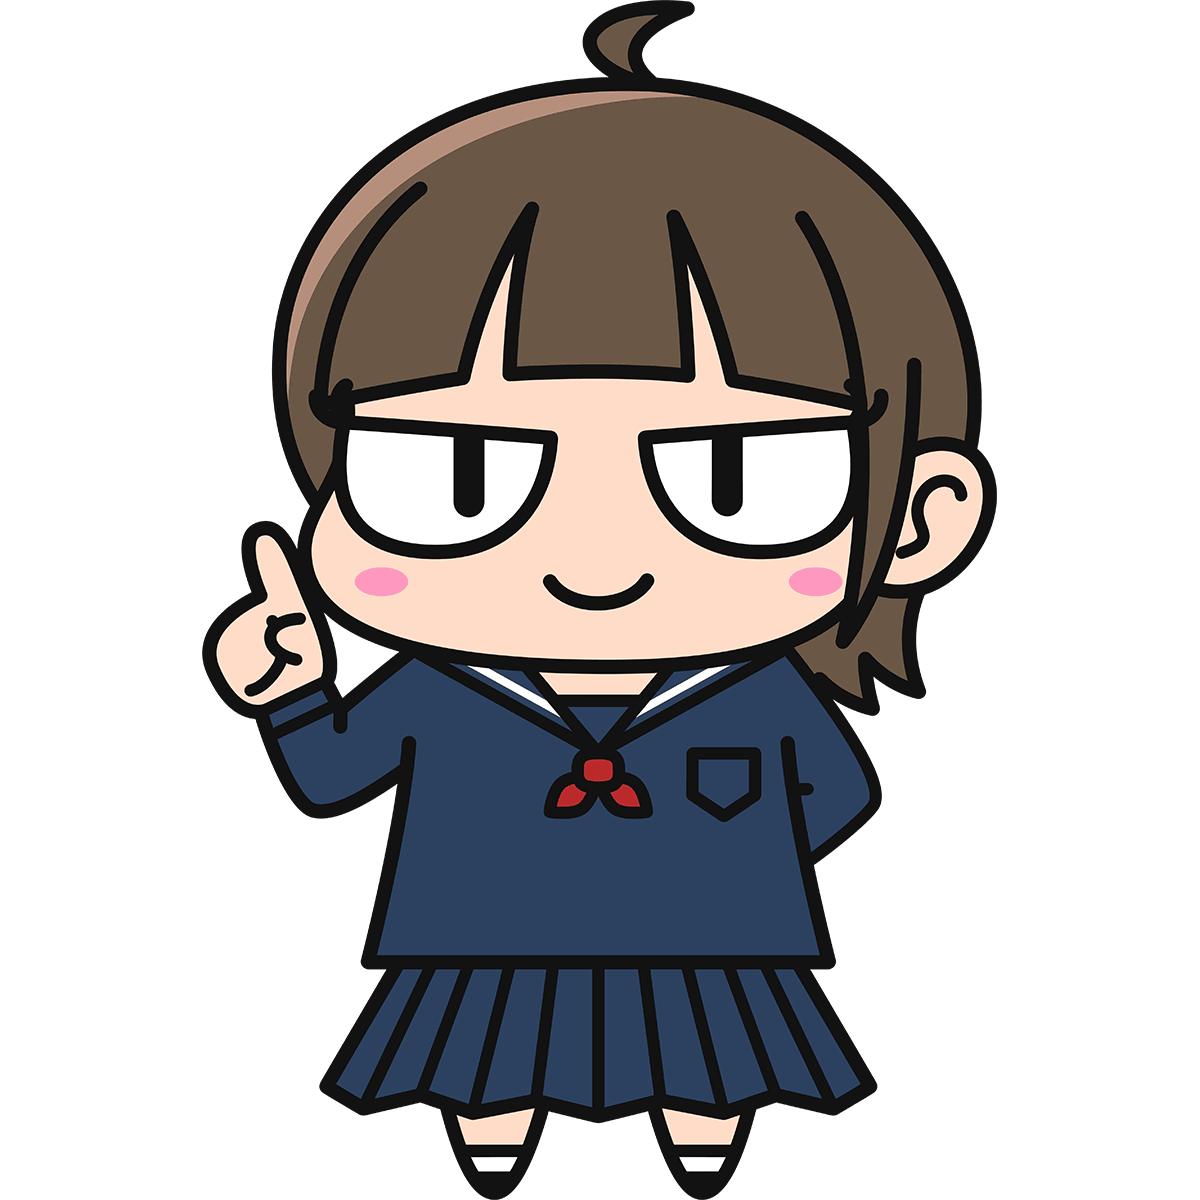 女子高生ダメコ(説明/冬服)の無料イラスト